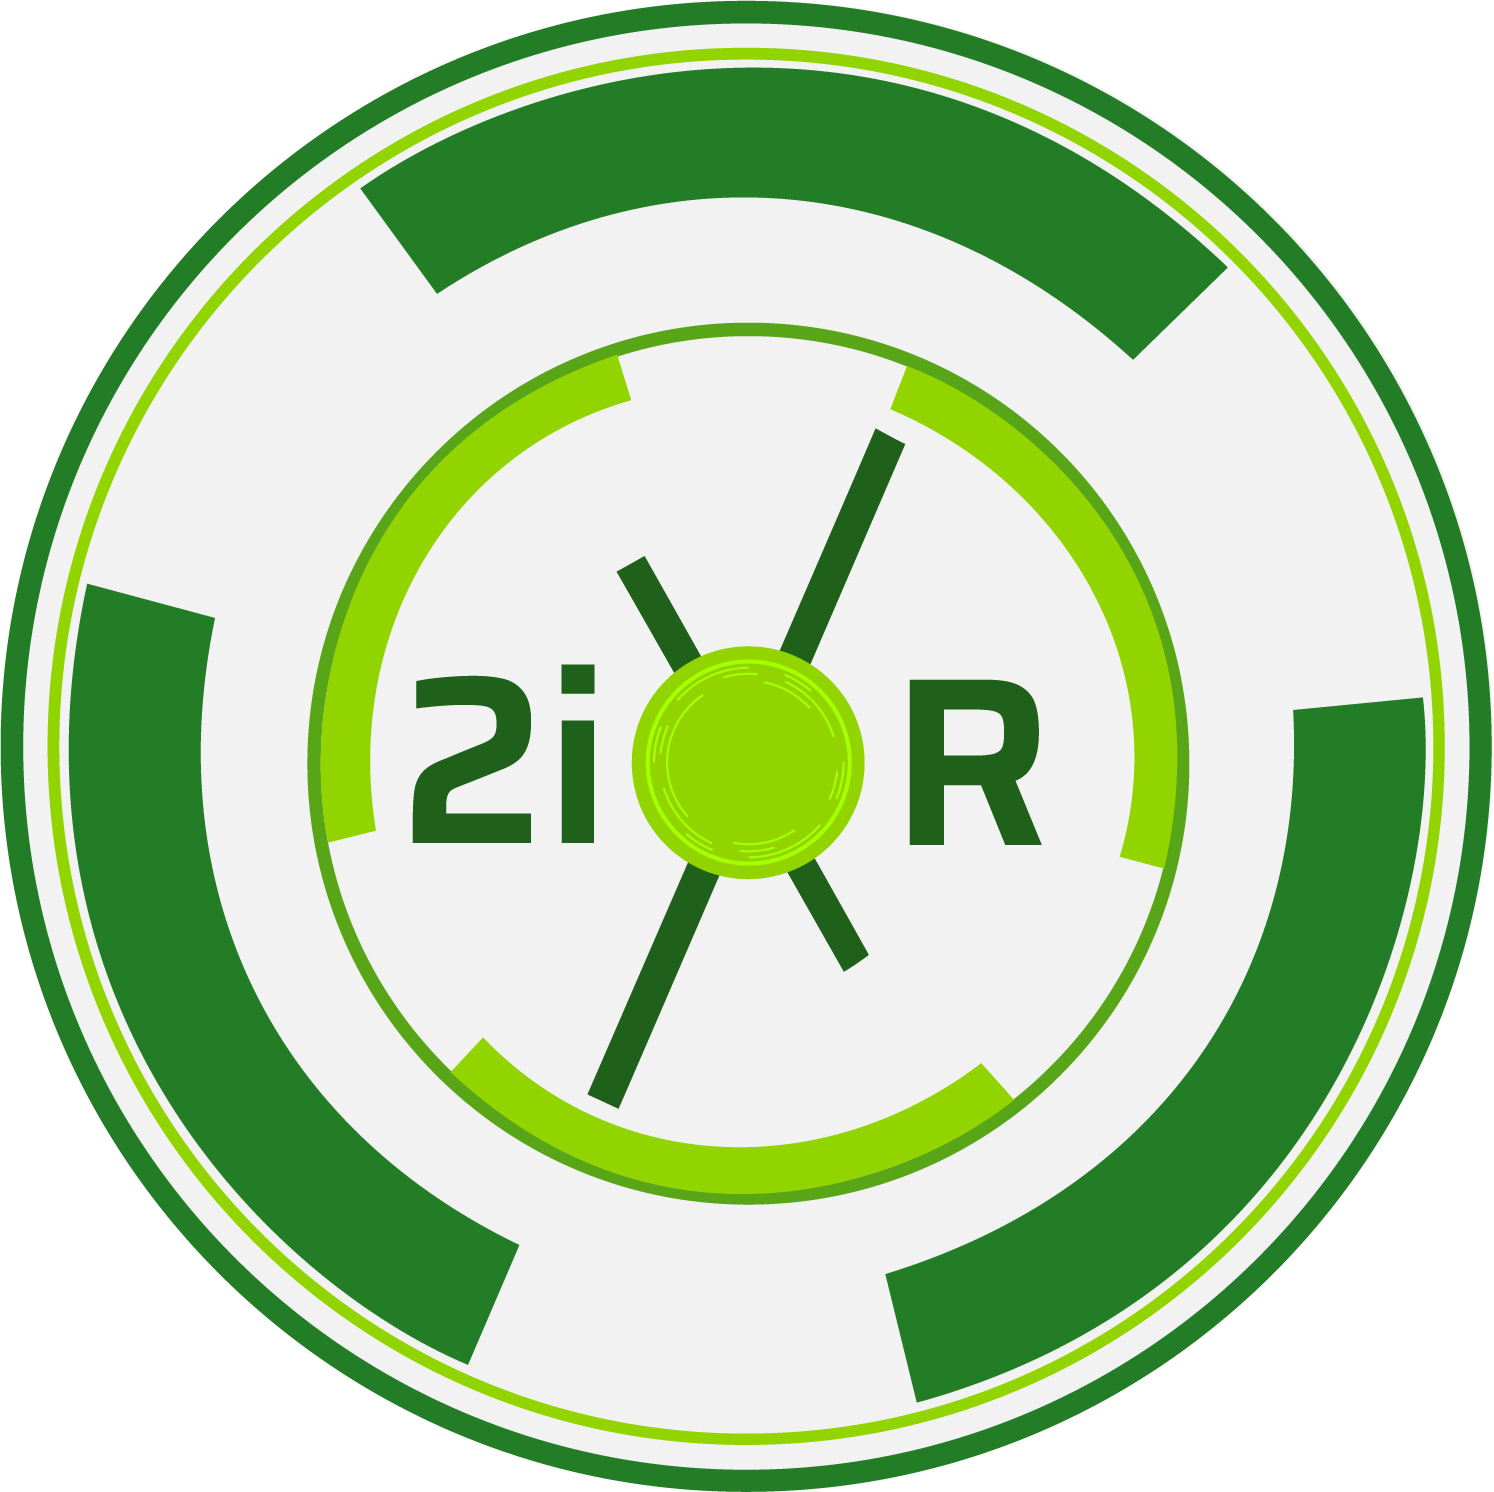 2iXR - Experiencias geolocalizadas y gamificadas con realidad aumentada